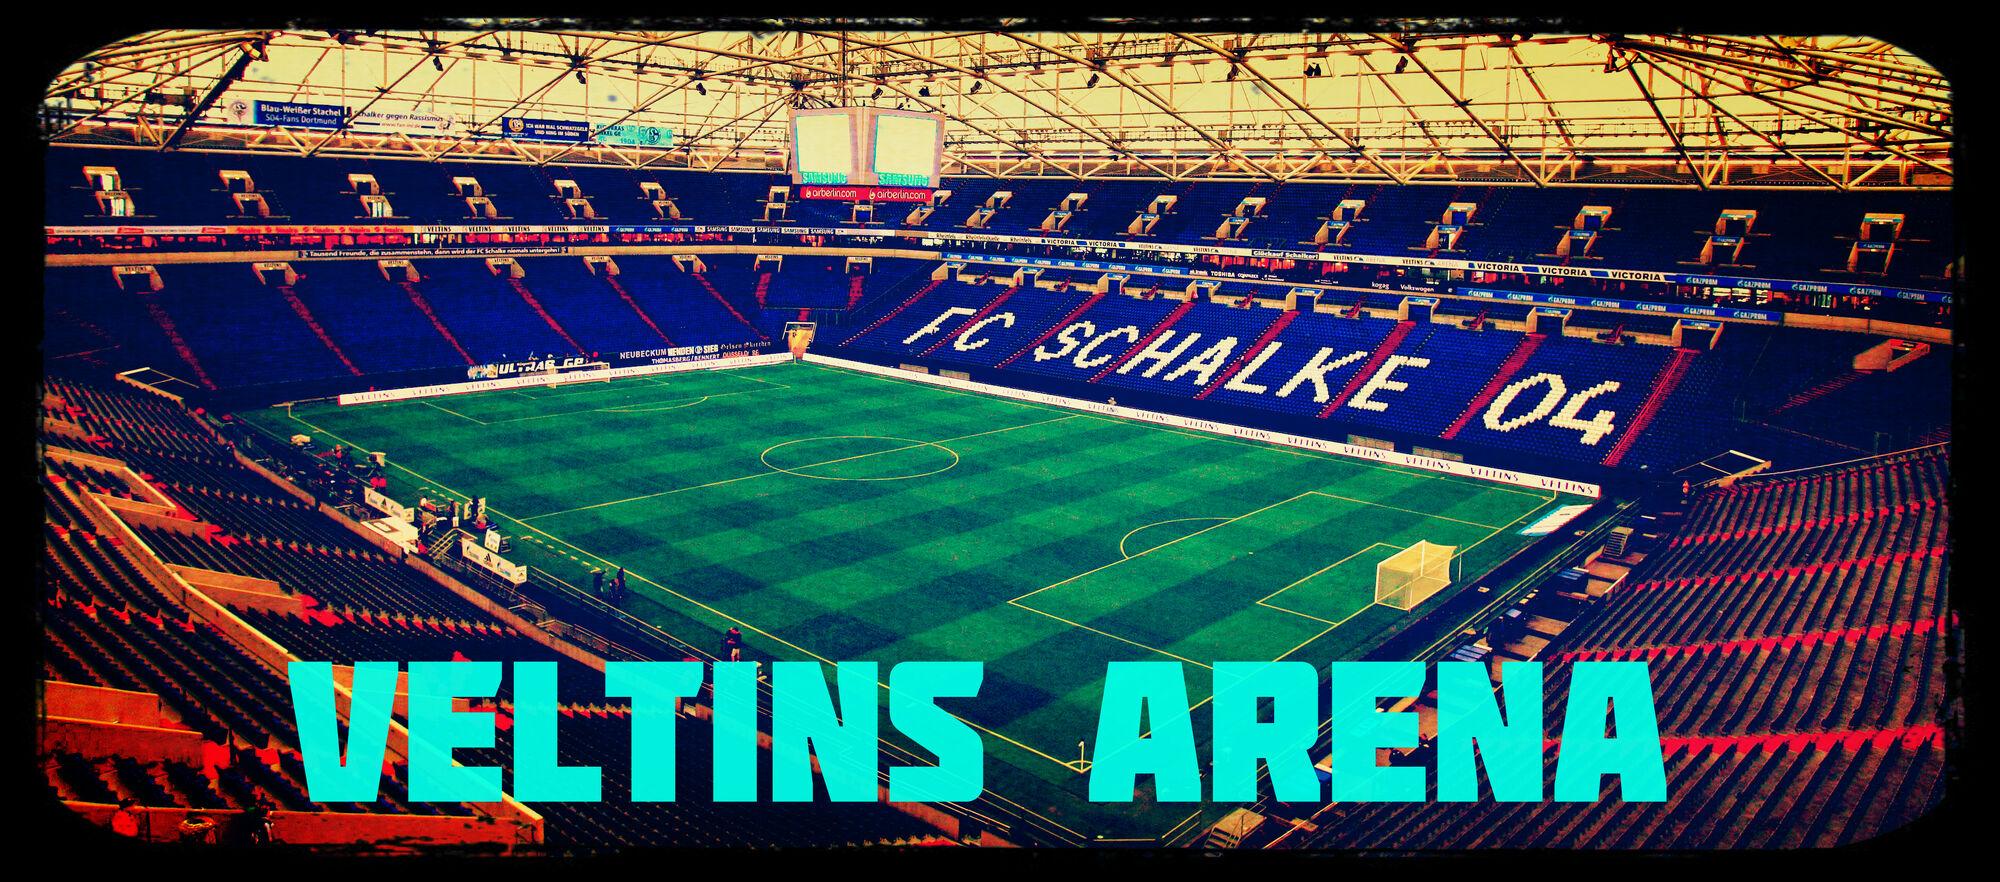 Schalke 04 Stadium Veltins Arena Wallpaper 001